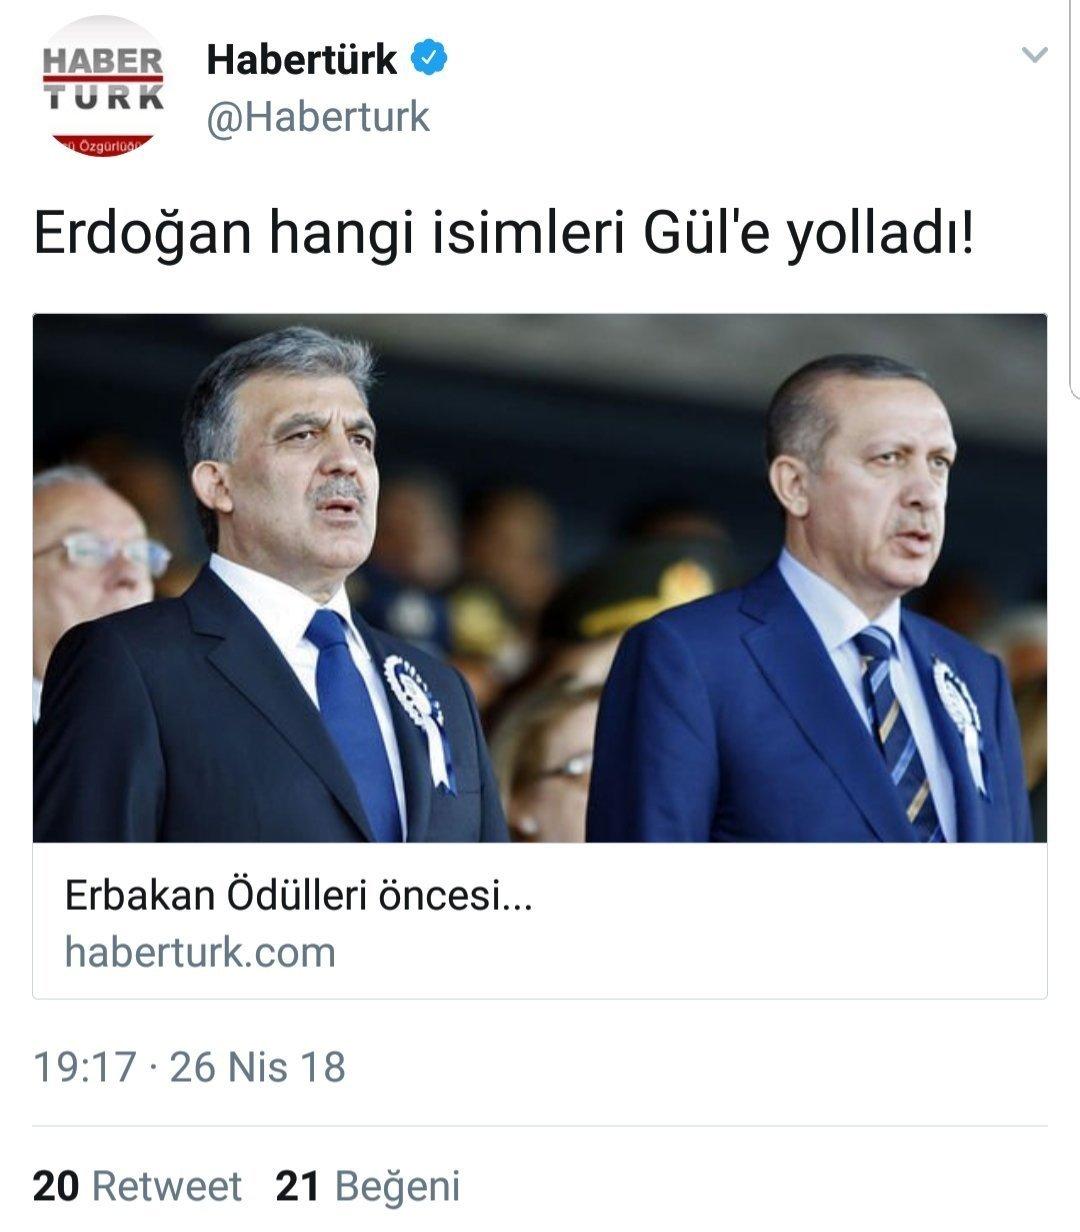 Habertürk'ün 'Erdoğan hangi isimleri Gül'e yolladı!' başlıklı haberinin sosyal medya paylaşımı